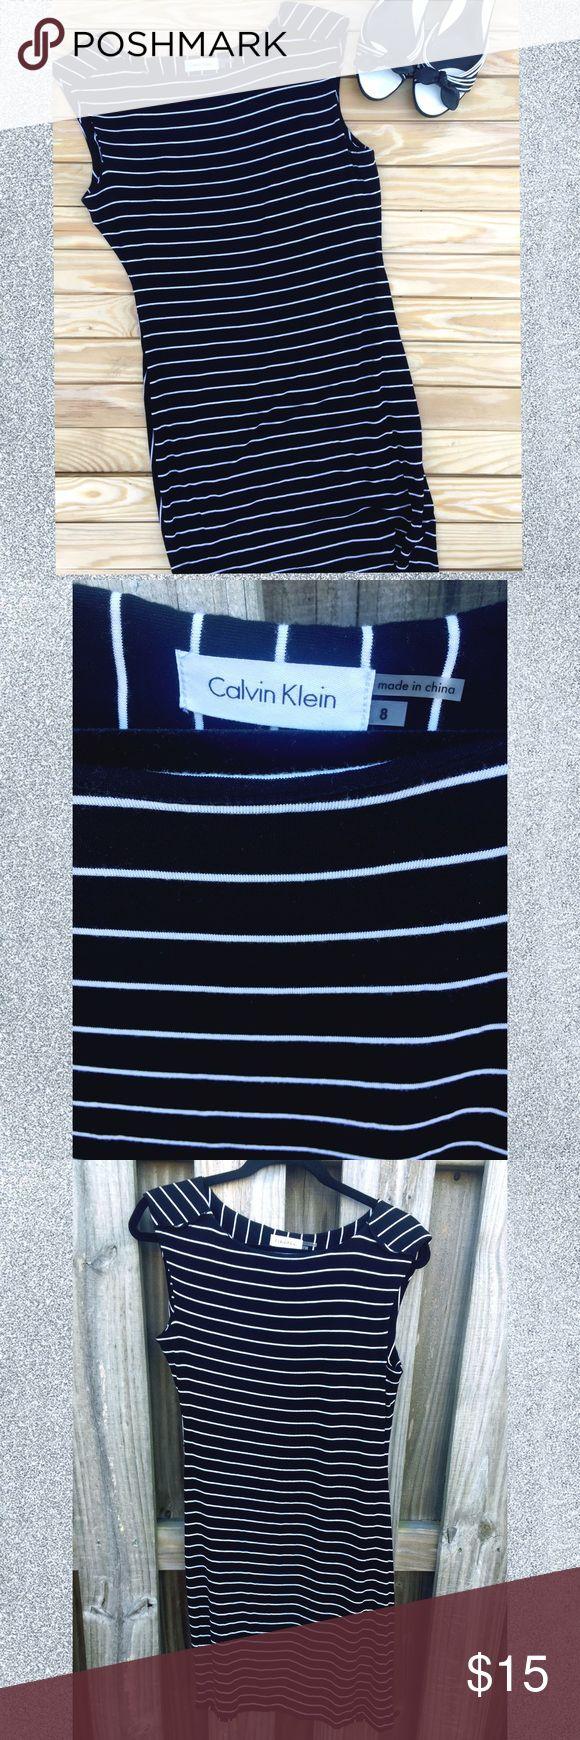 Weekend Sale - Calvin Klein Dress Calvin Klein Dress Calvin Klein Dresses